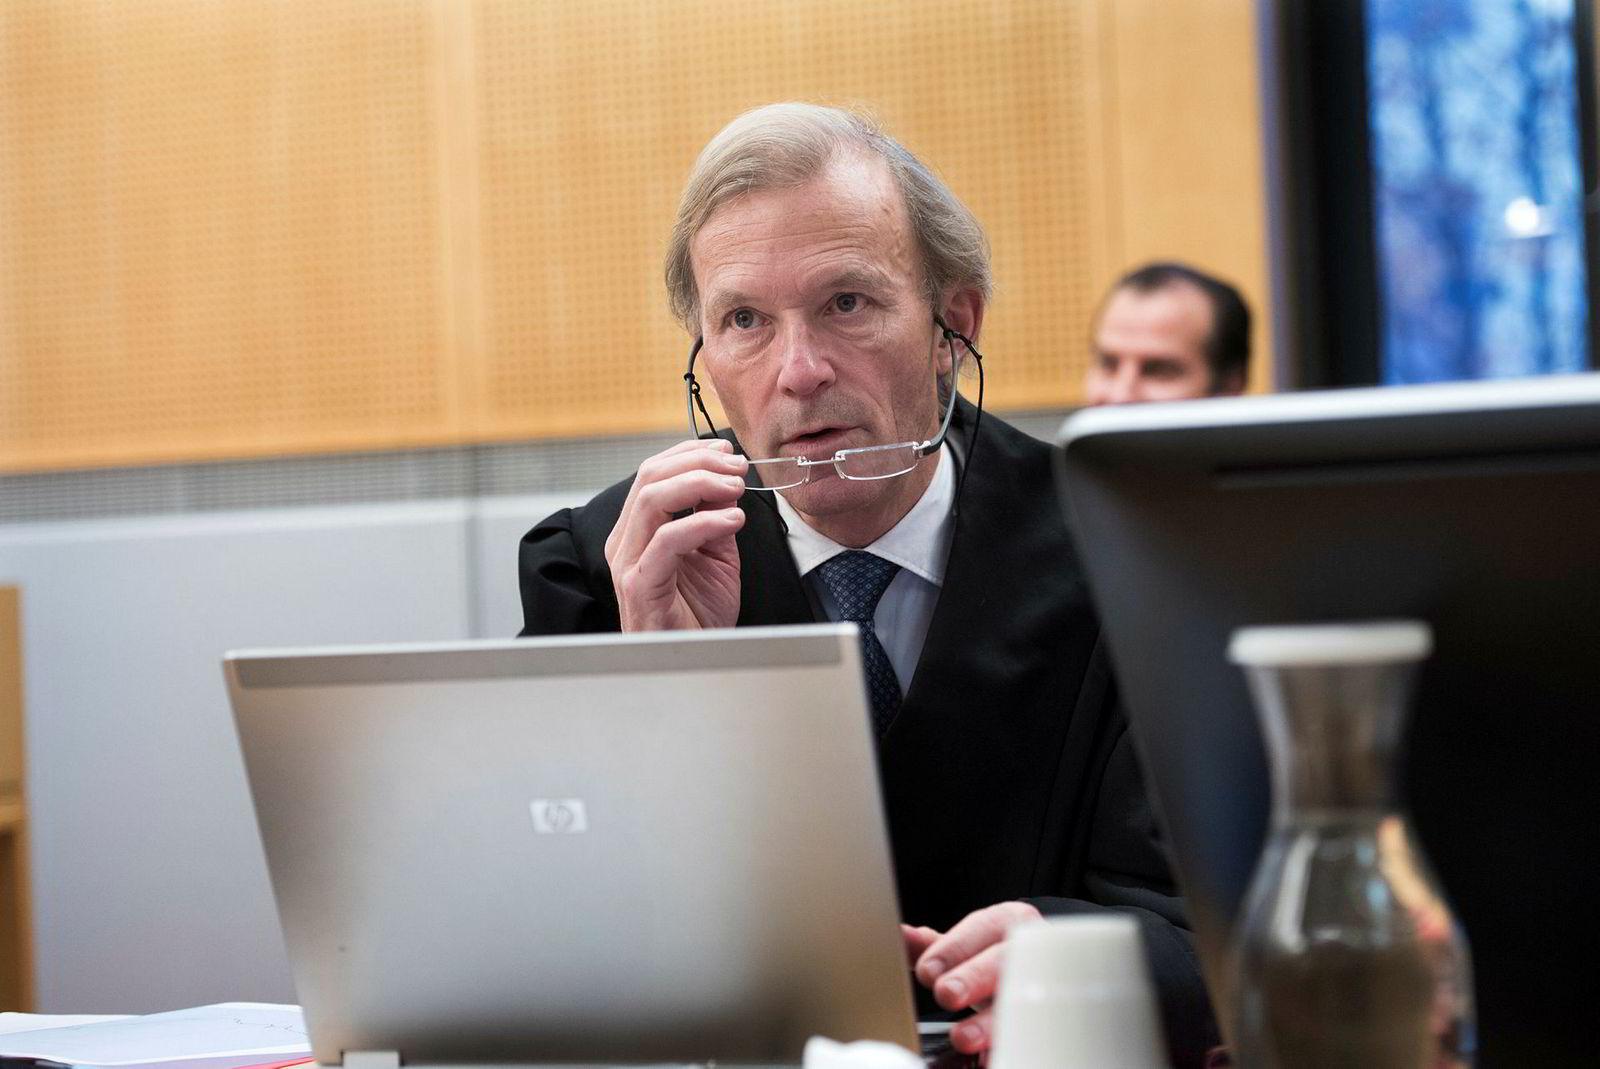 Advokat Frode Sulland er forsvarer for Trond Aas, Funcoms tidligere konsernsjef.